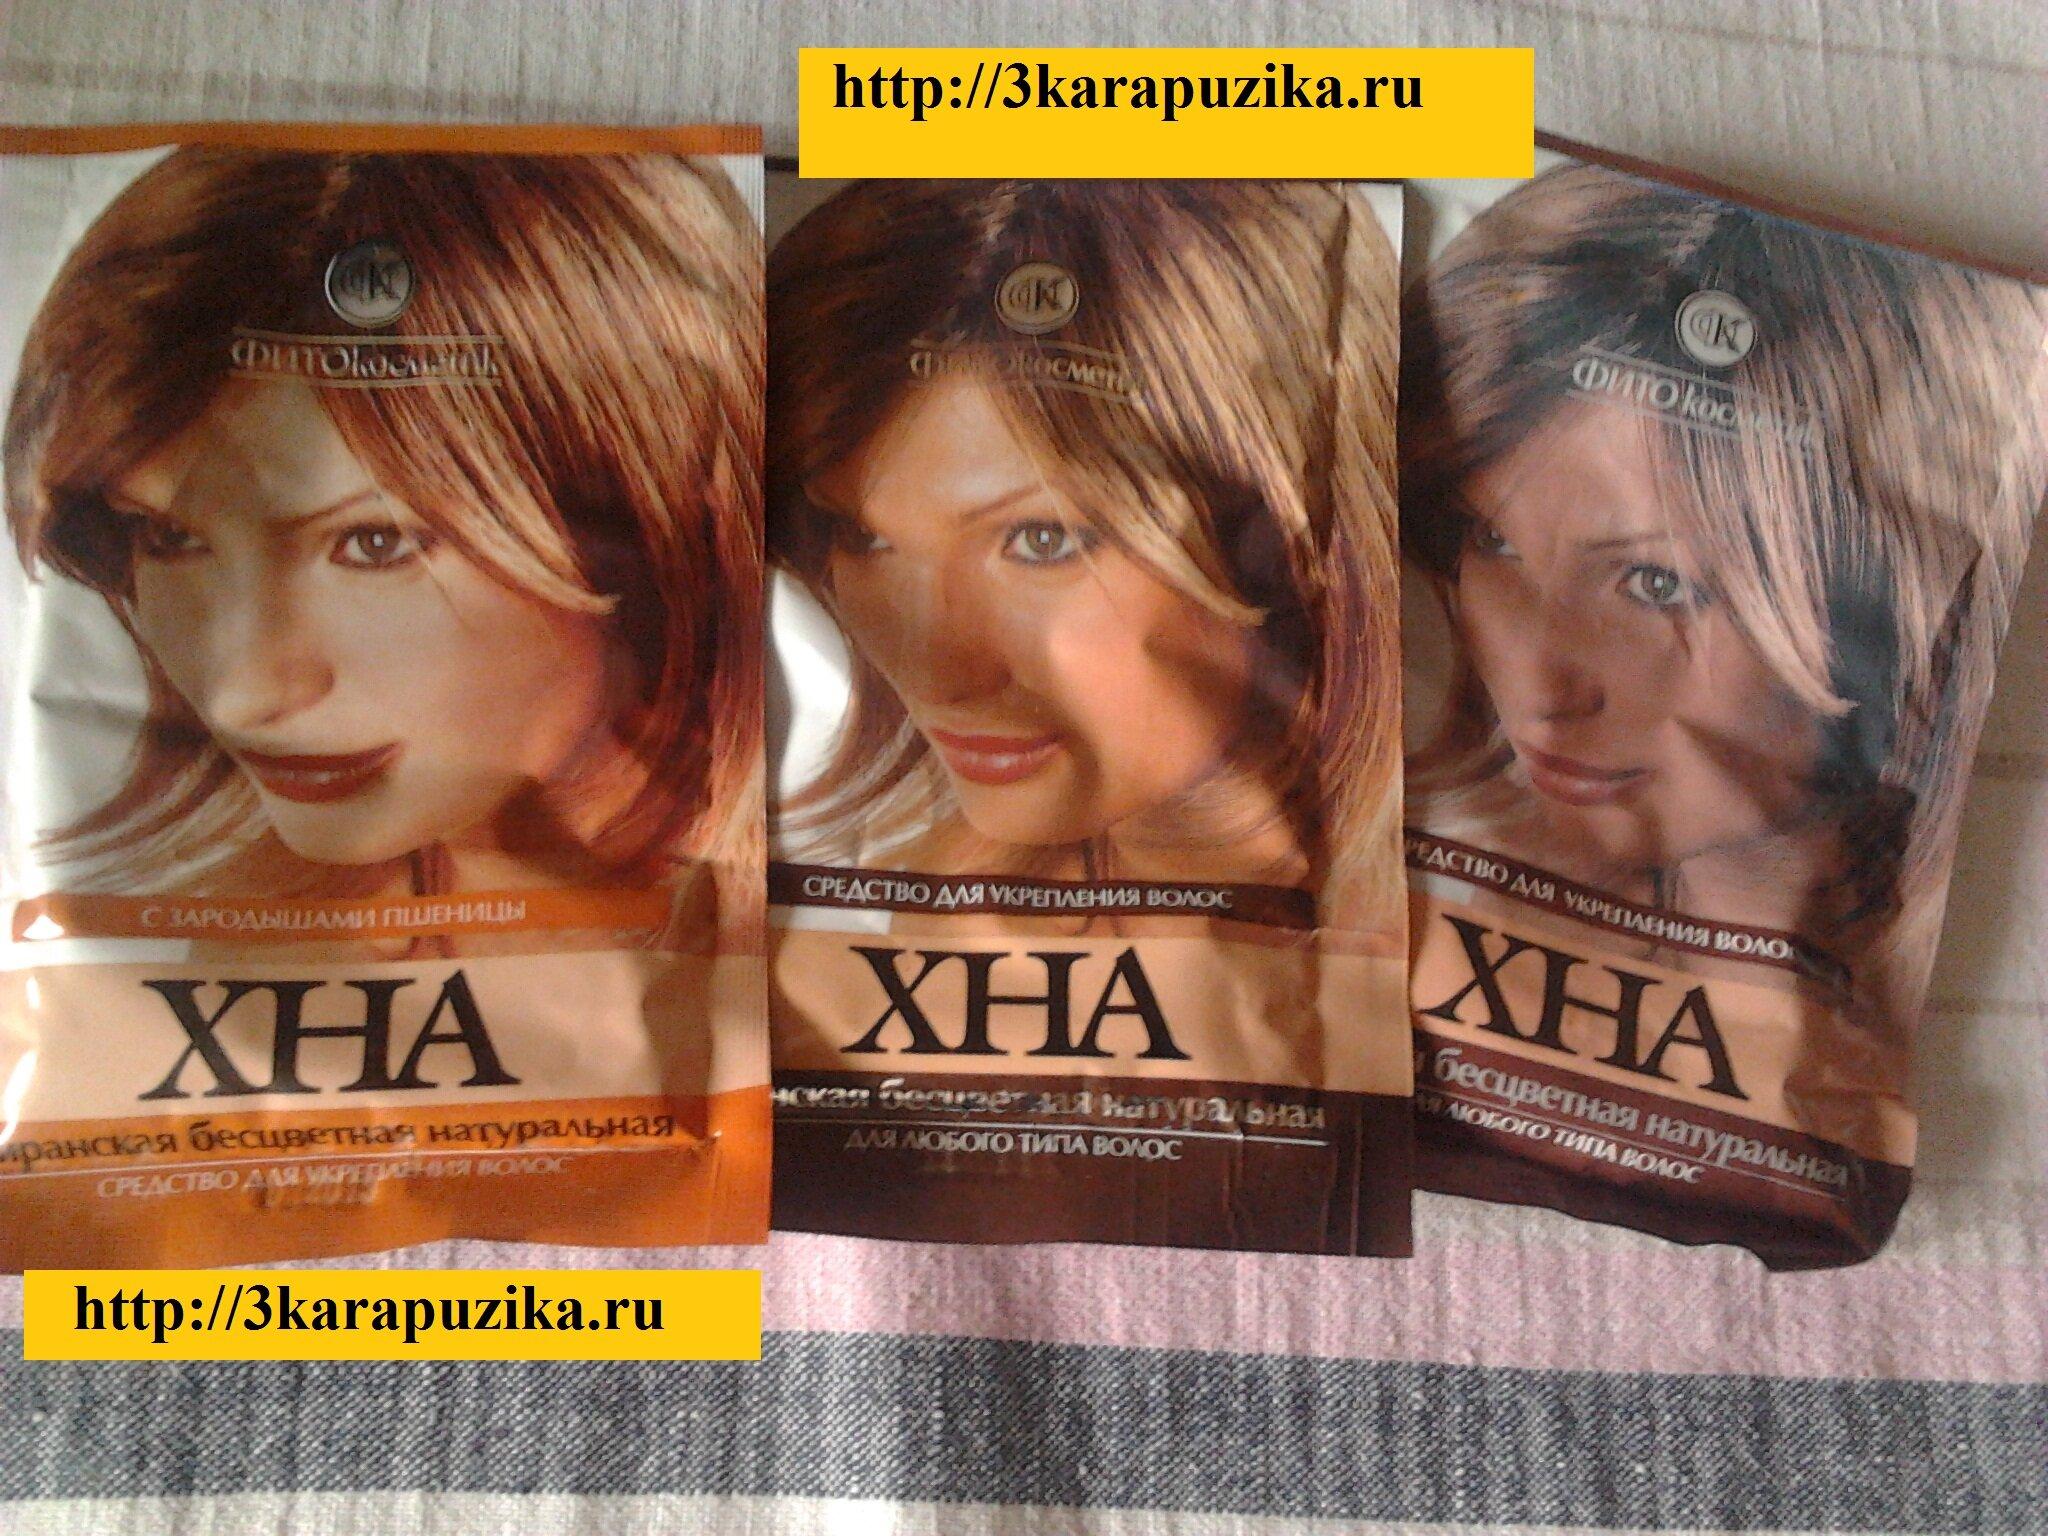 Результатом применения хны для волос будут здоровые, крепкие и приятно пахнущие волосы.